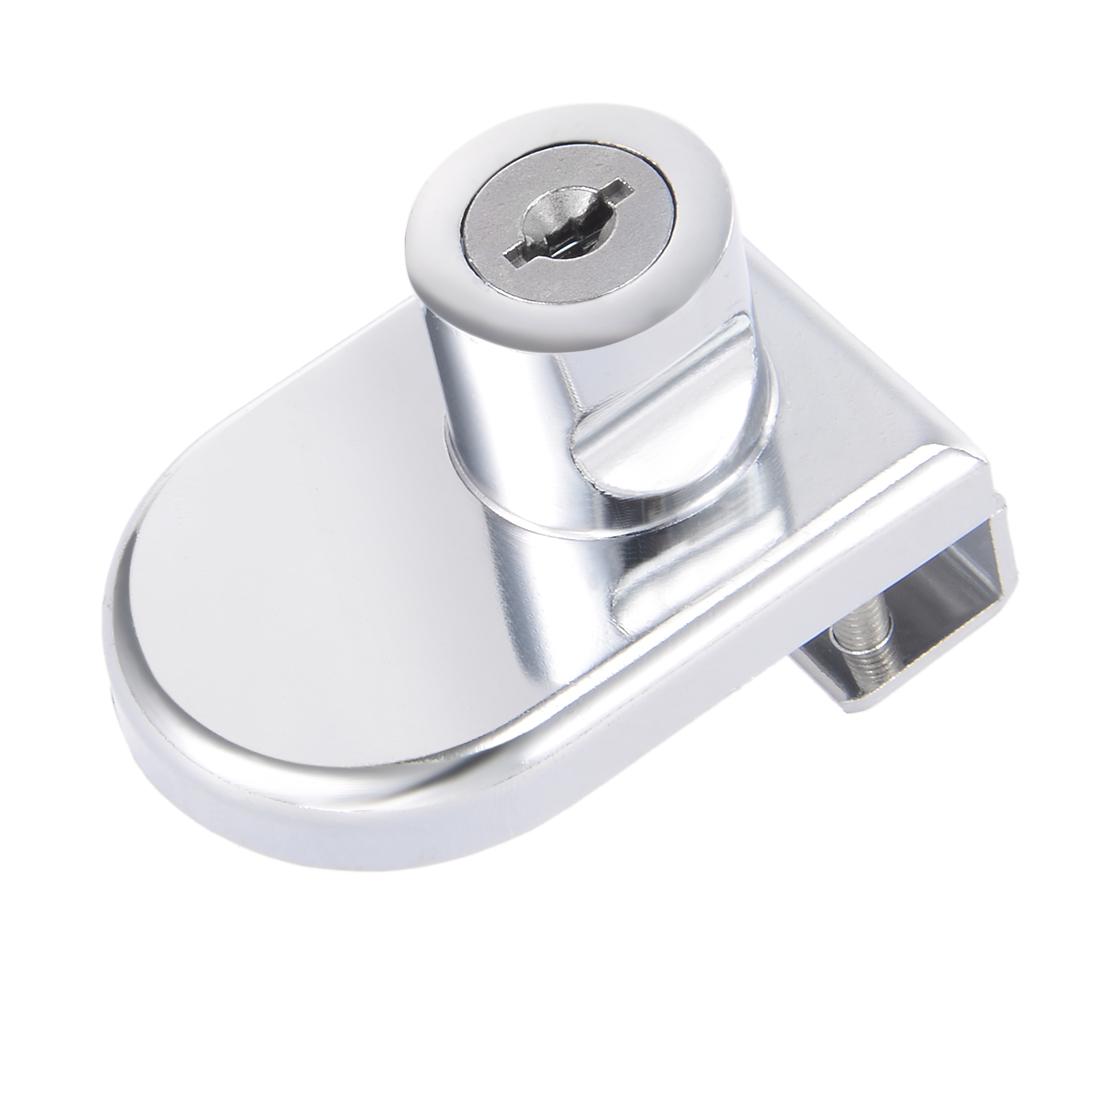 Zinc Alloy Chrome Finish Showcase Hinged Glass Cabinet Lock, Key Alike